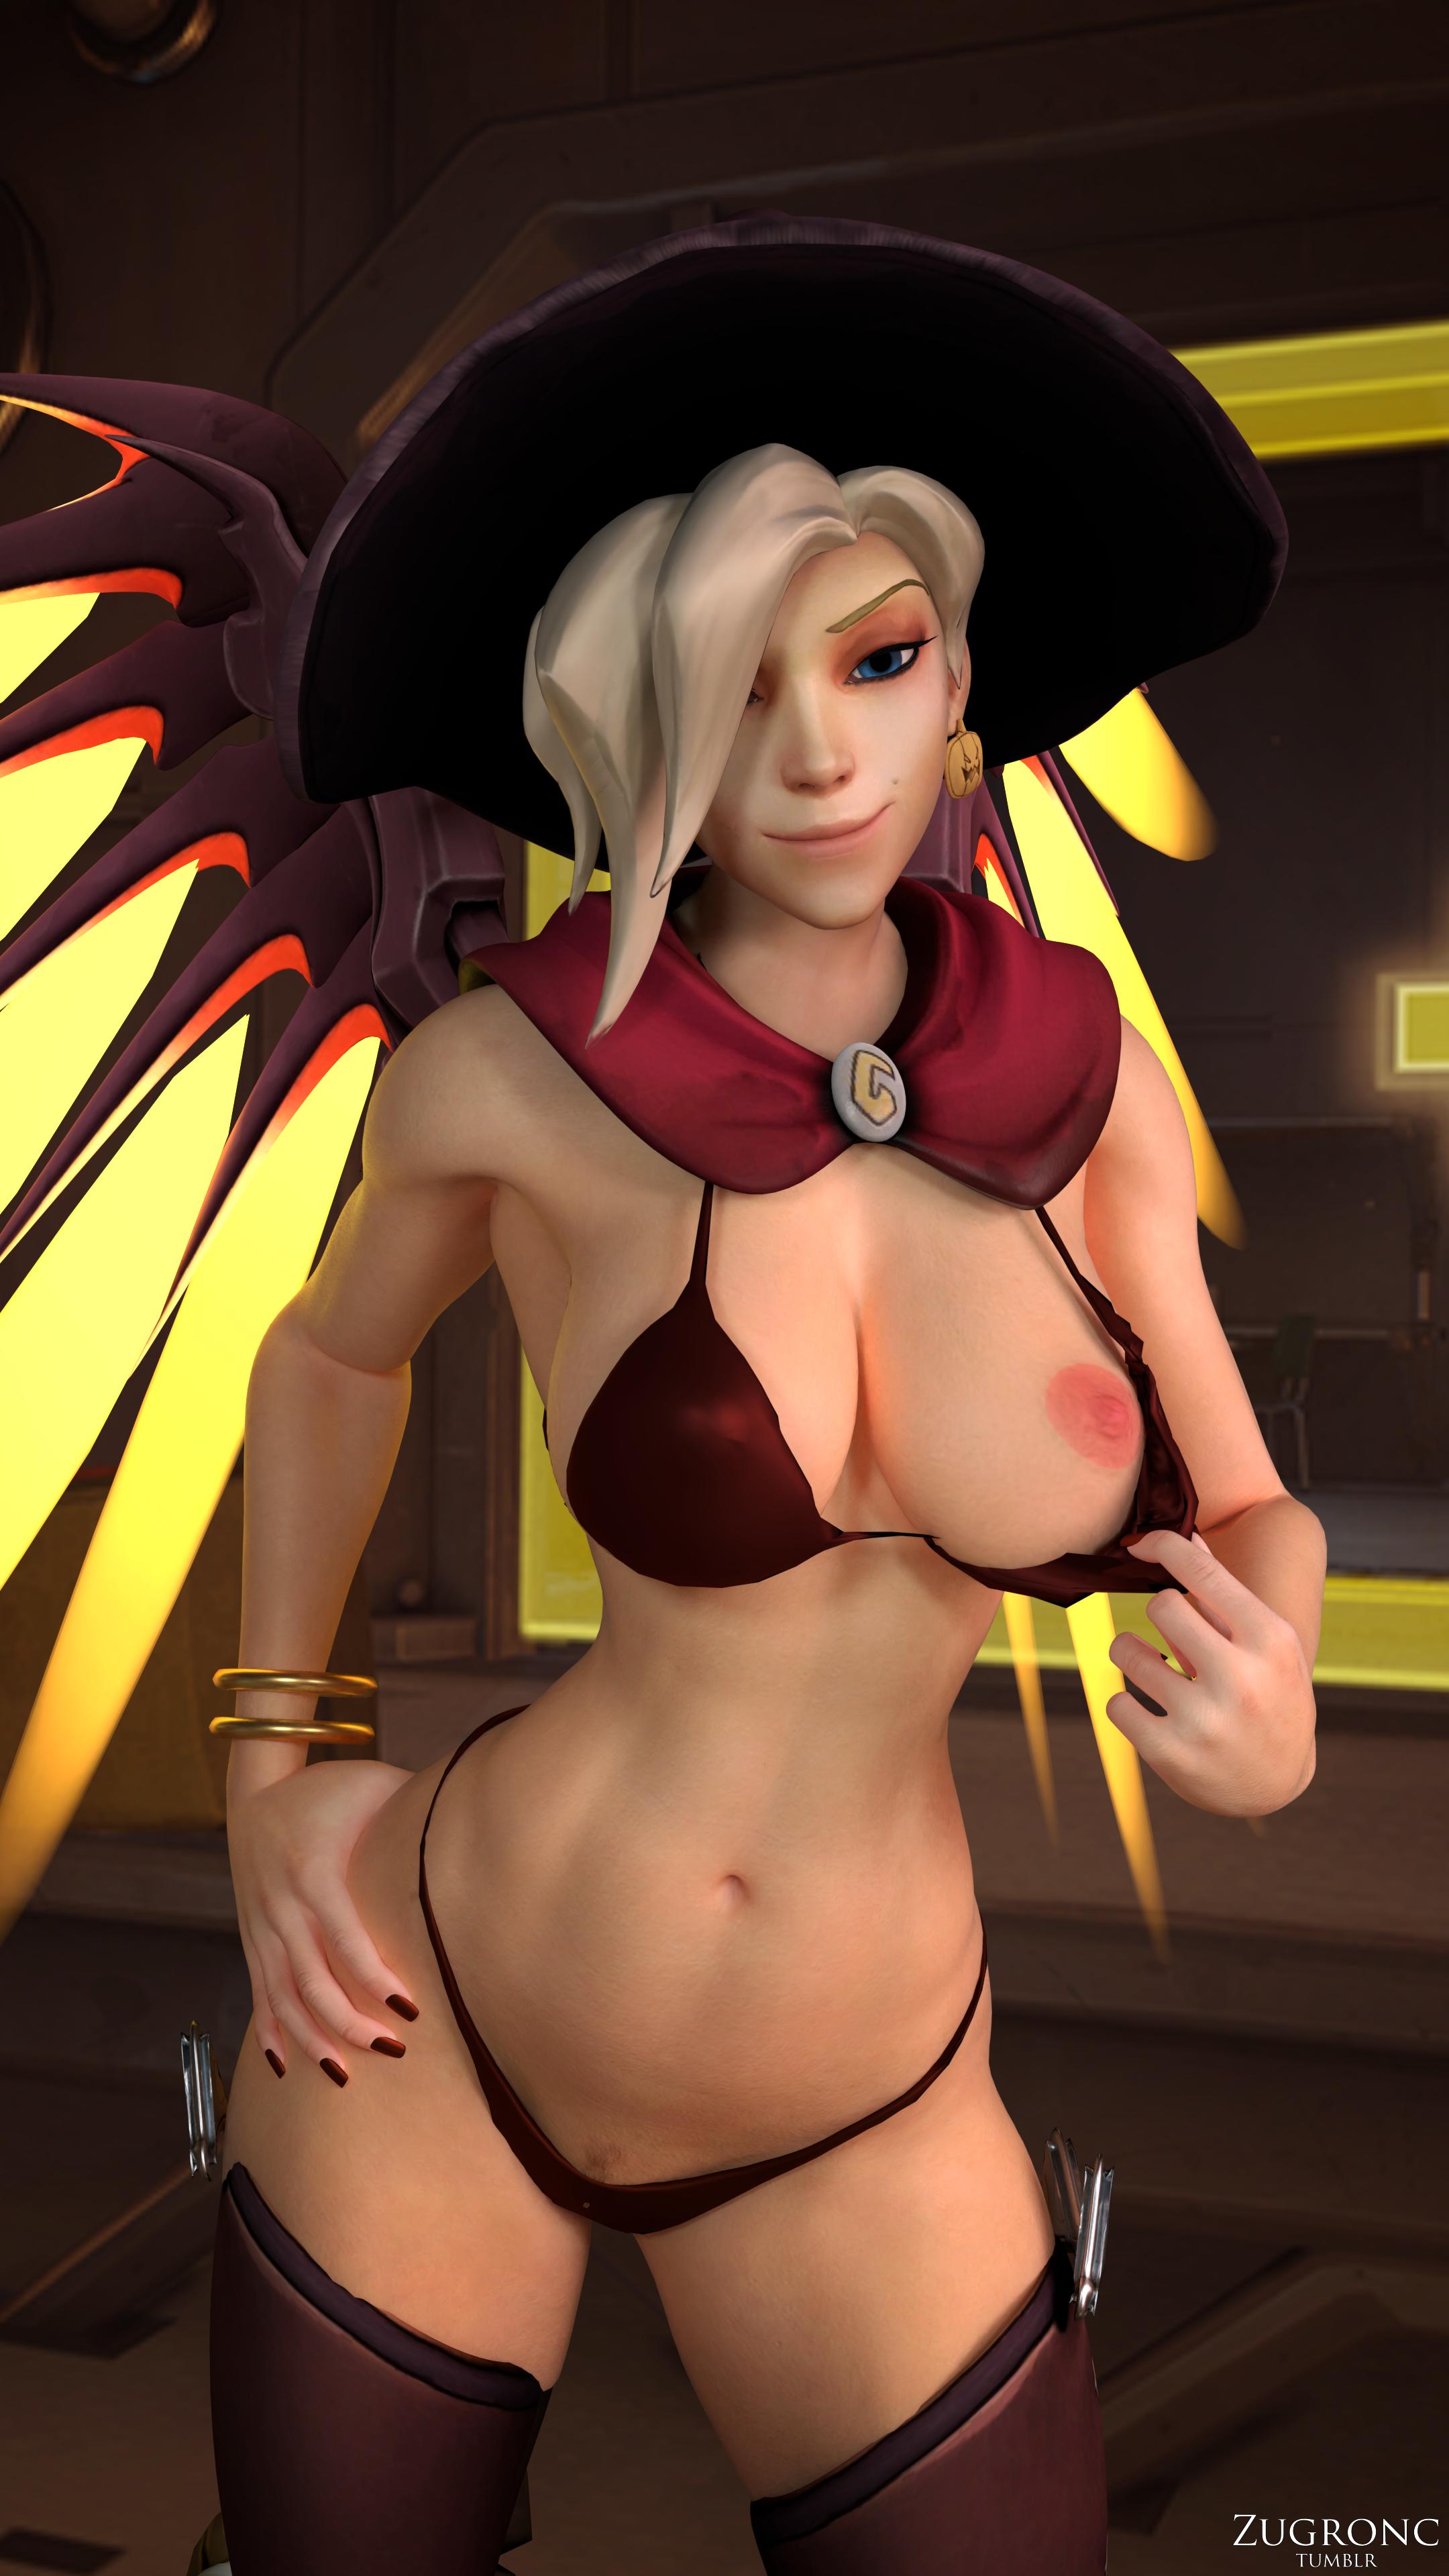 2347149 - Halloween Mercy Overlook Zugronc blender